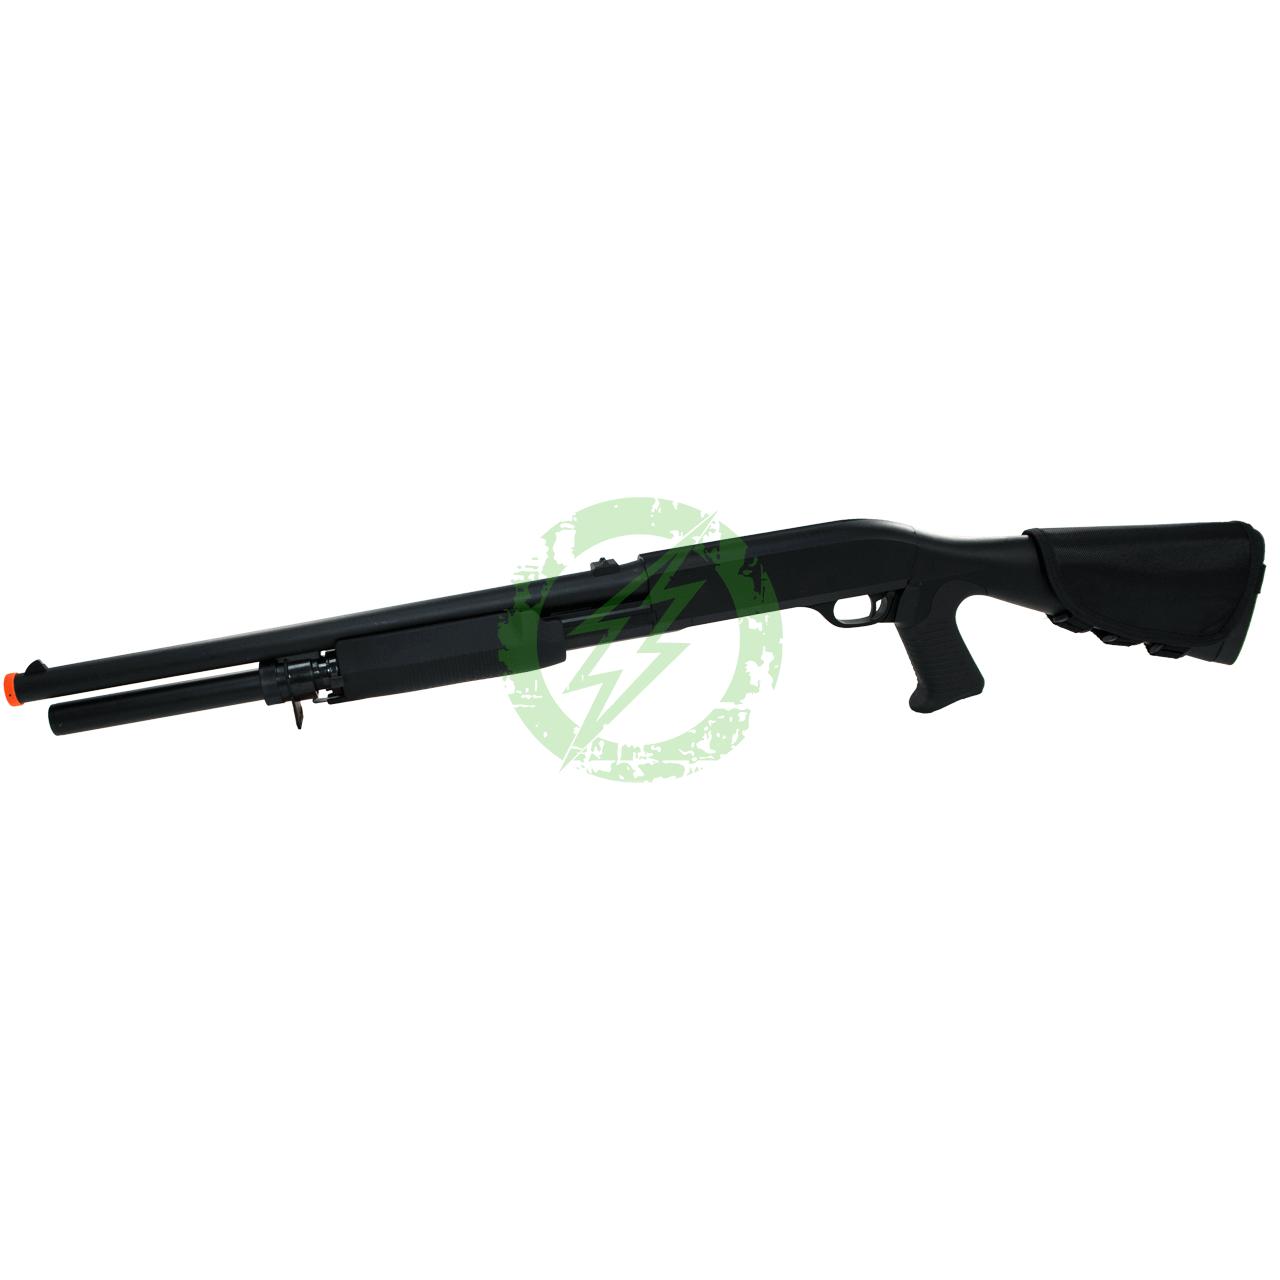 Action Sport Games Franchi SAS 12 Shotgun (Long / Burst)